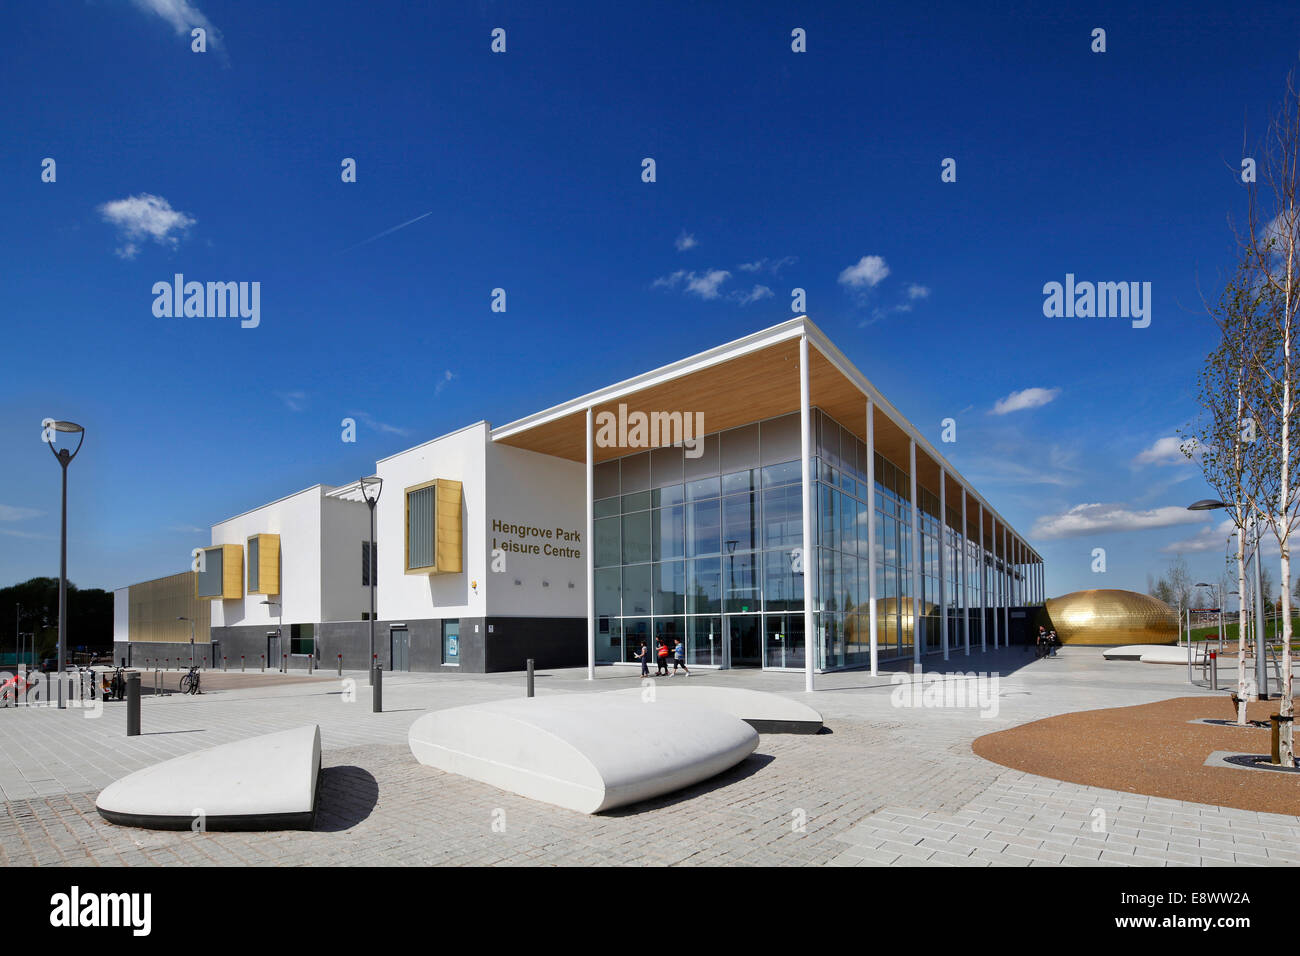 hengrove leisure centre stock photos hengrove leisure centre stock rh alamy com